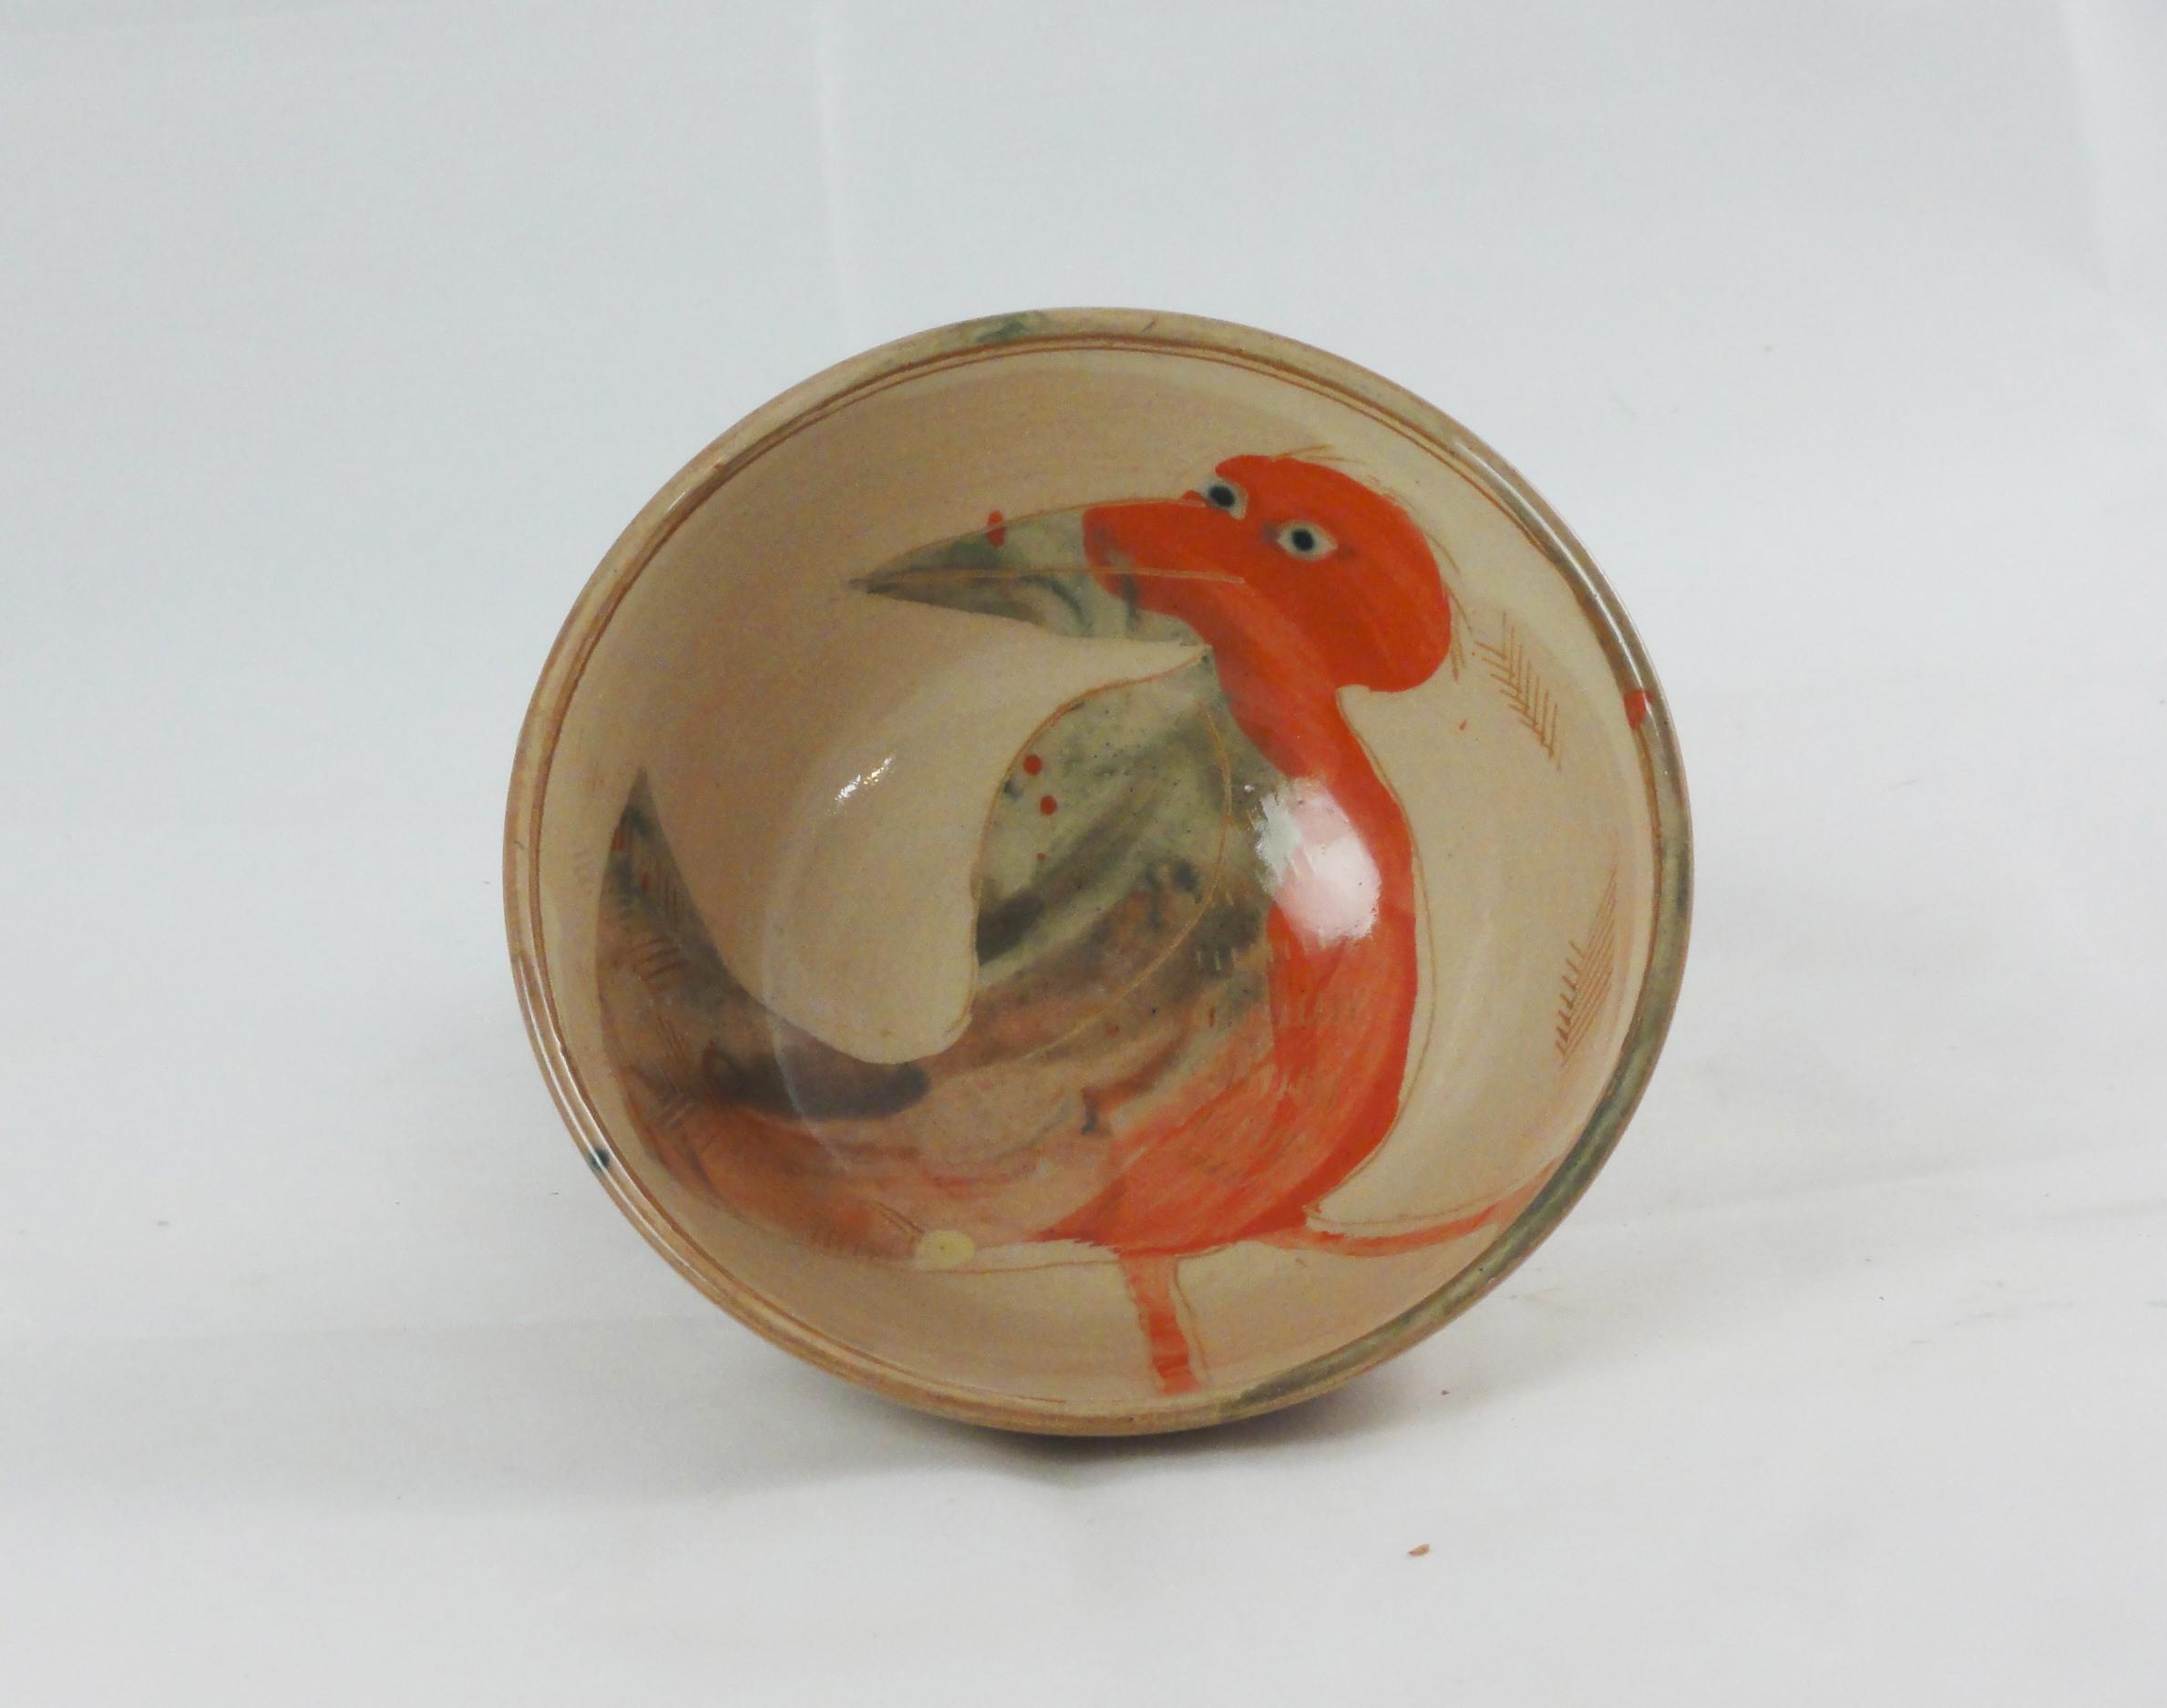 Kl-Schüssel-mit-rotem-Vogel